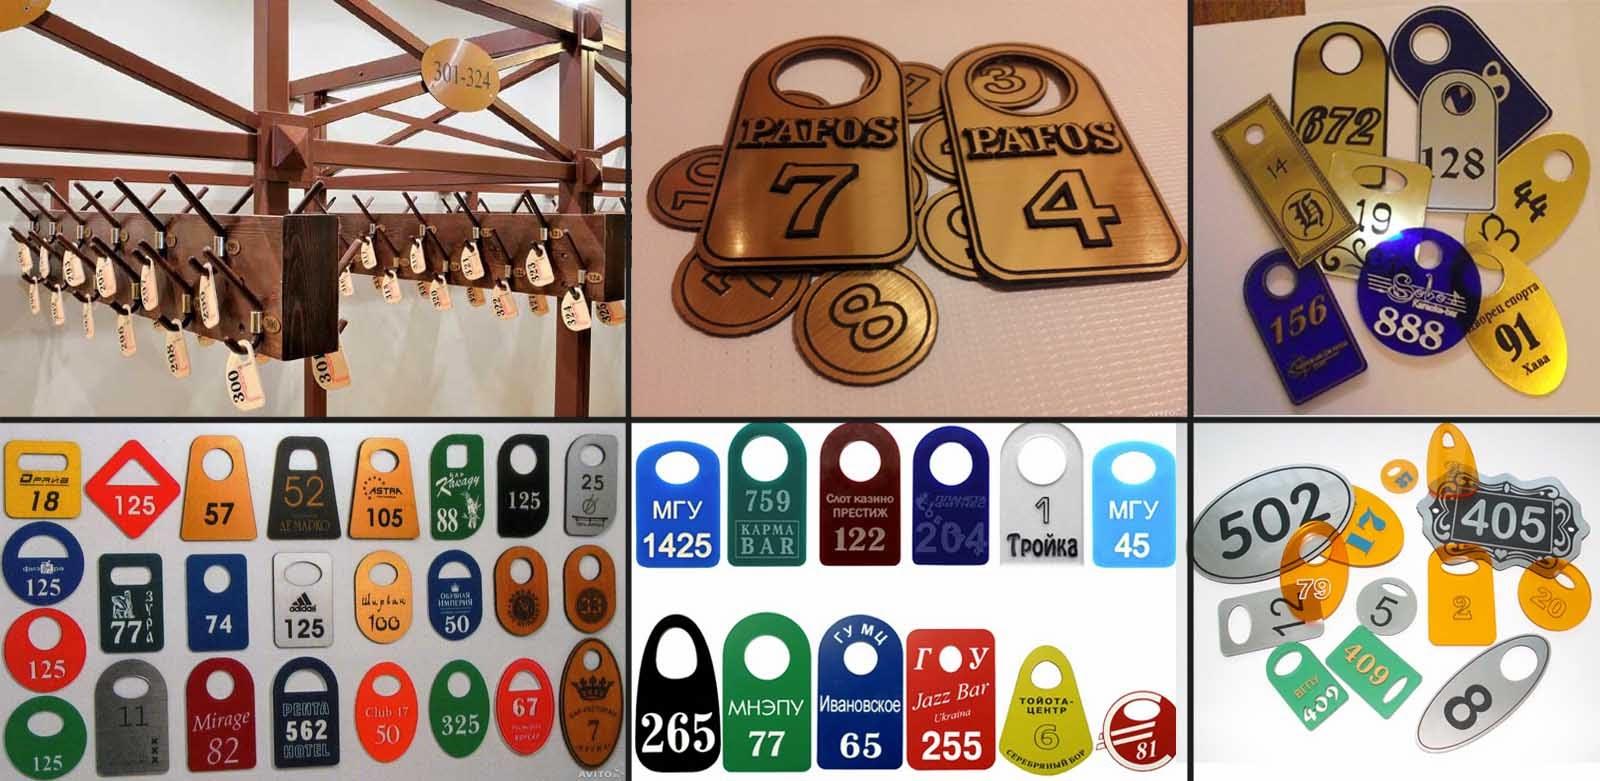 Номерки для гардероба, номерки на двери, номерки для стульев, номерки для сидений, номерки для ключей, другие номерки из пластика, акрила, дерева